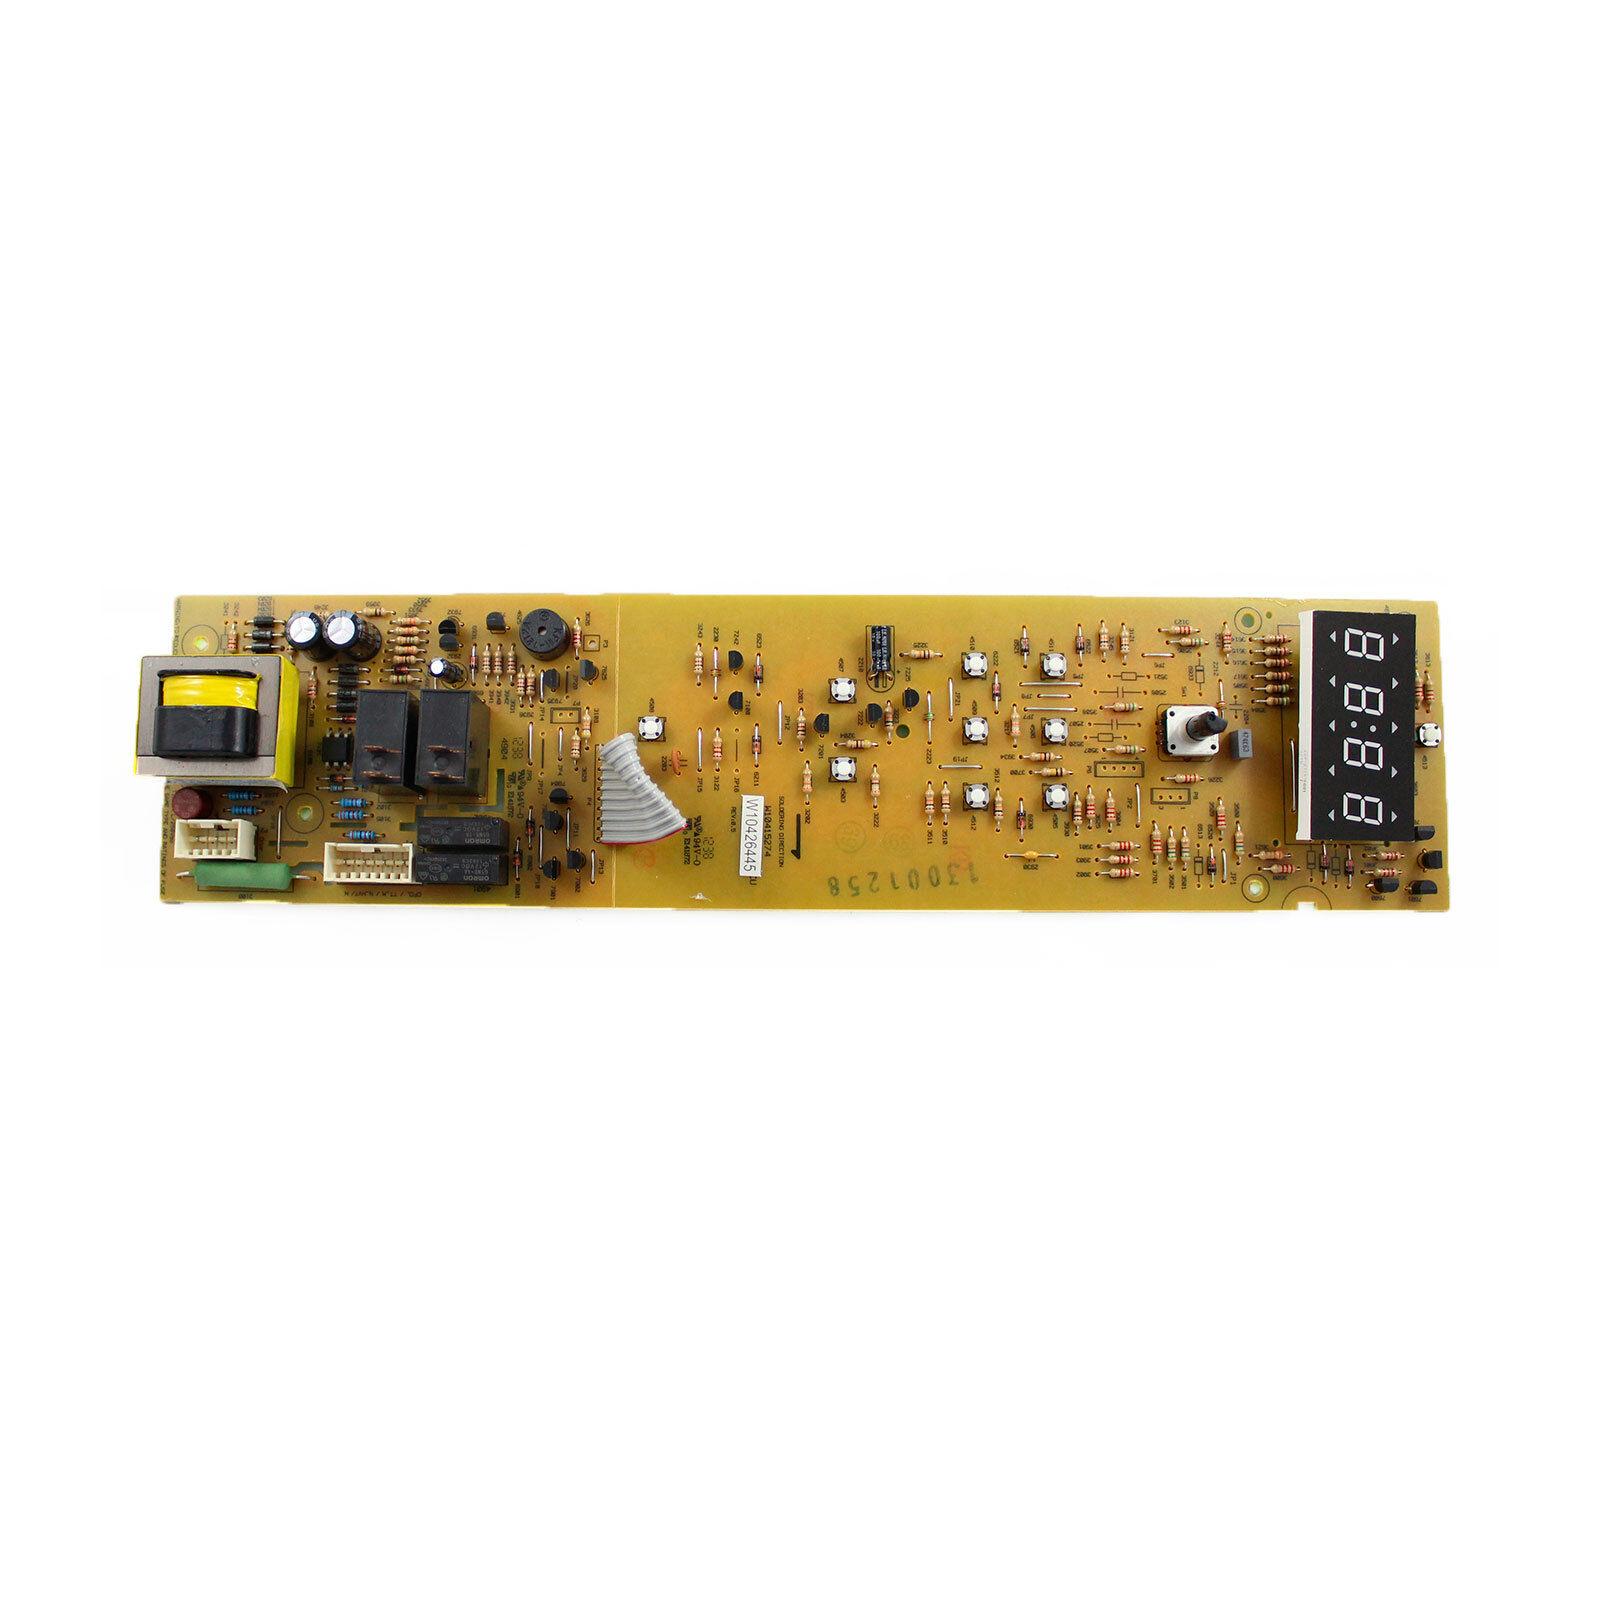 Plaque Télécommande Four à micro-ondes Whirpool VT 266 BL M WH SL 480120101863